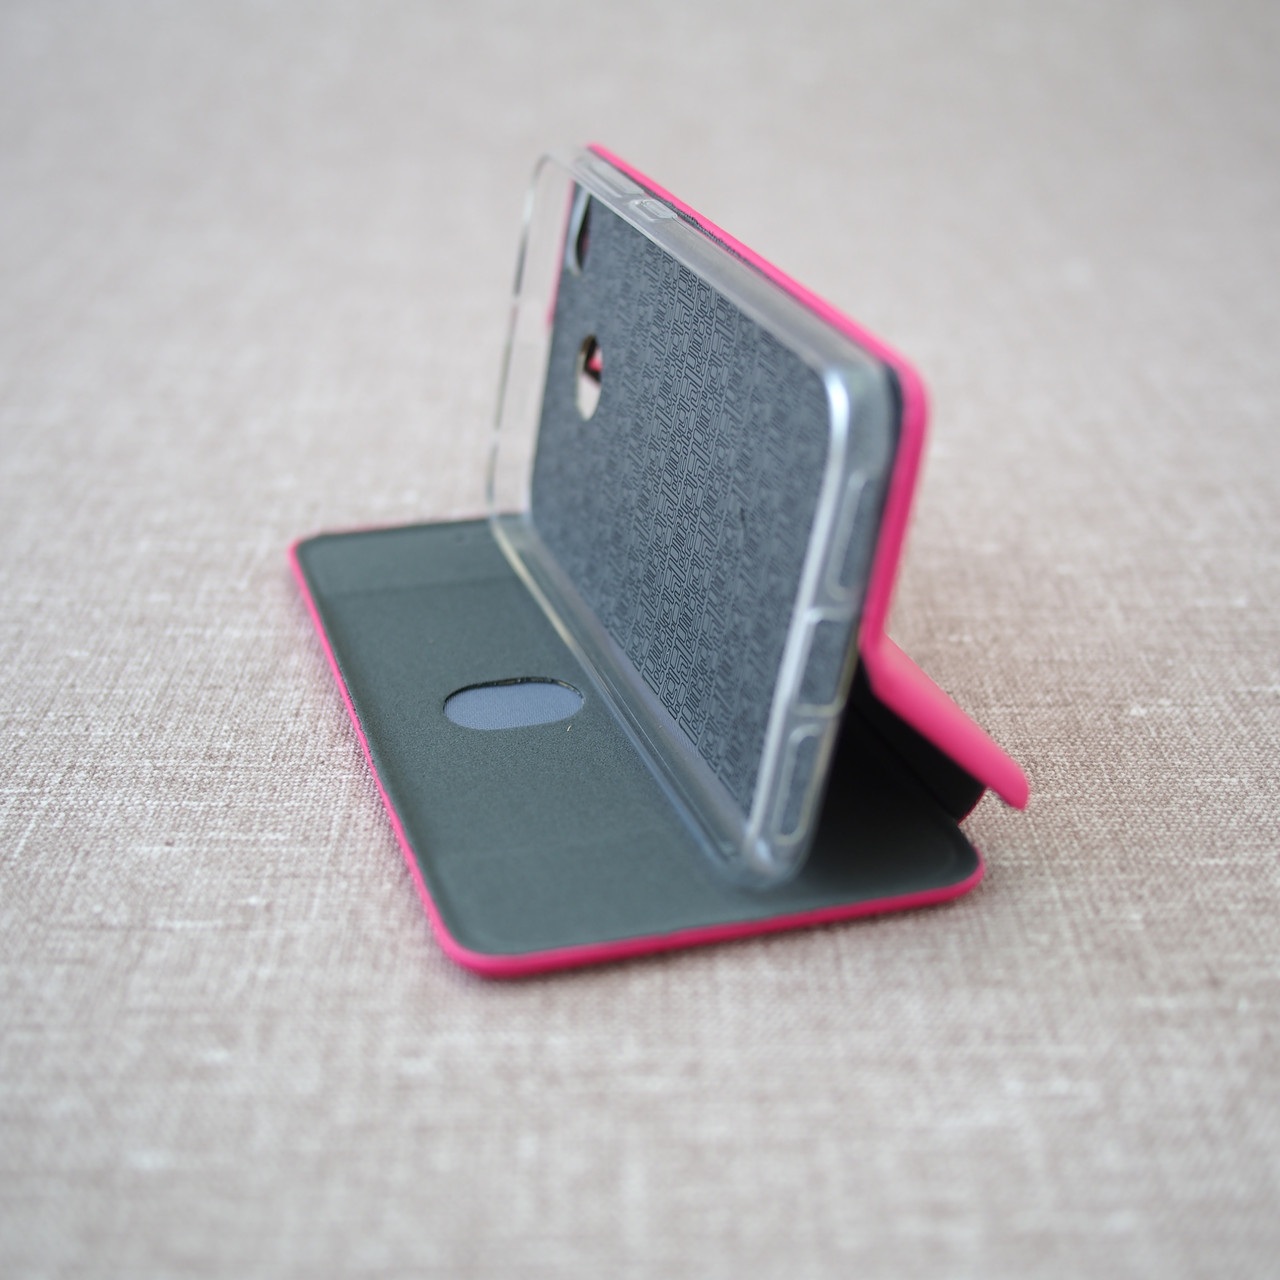 Чехол G-Case Xiaomi redmi 4x pink